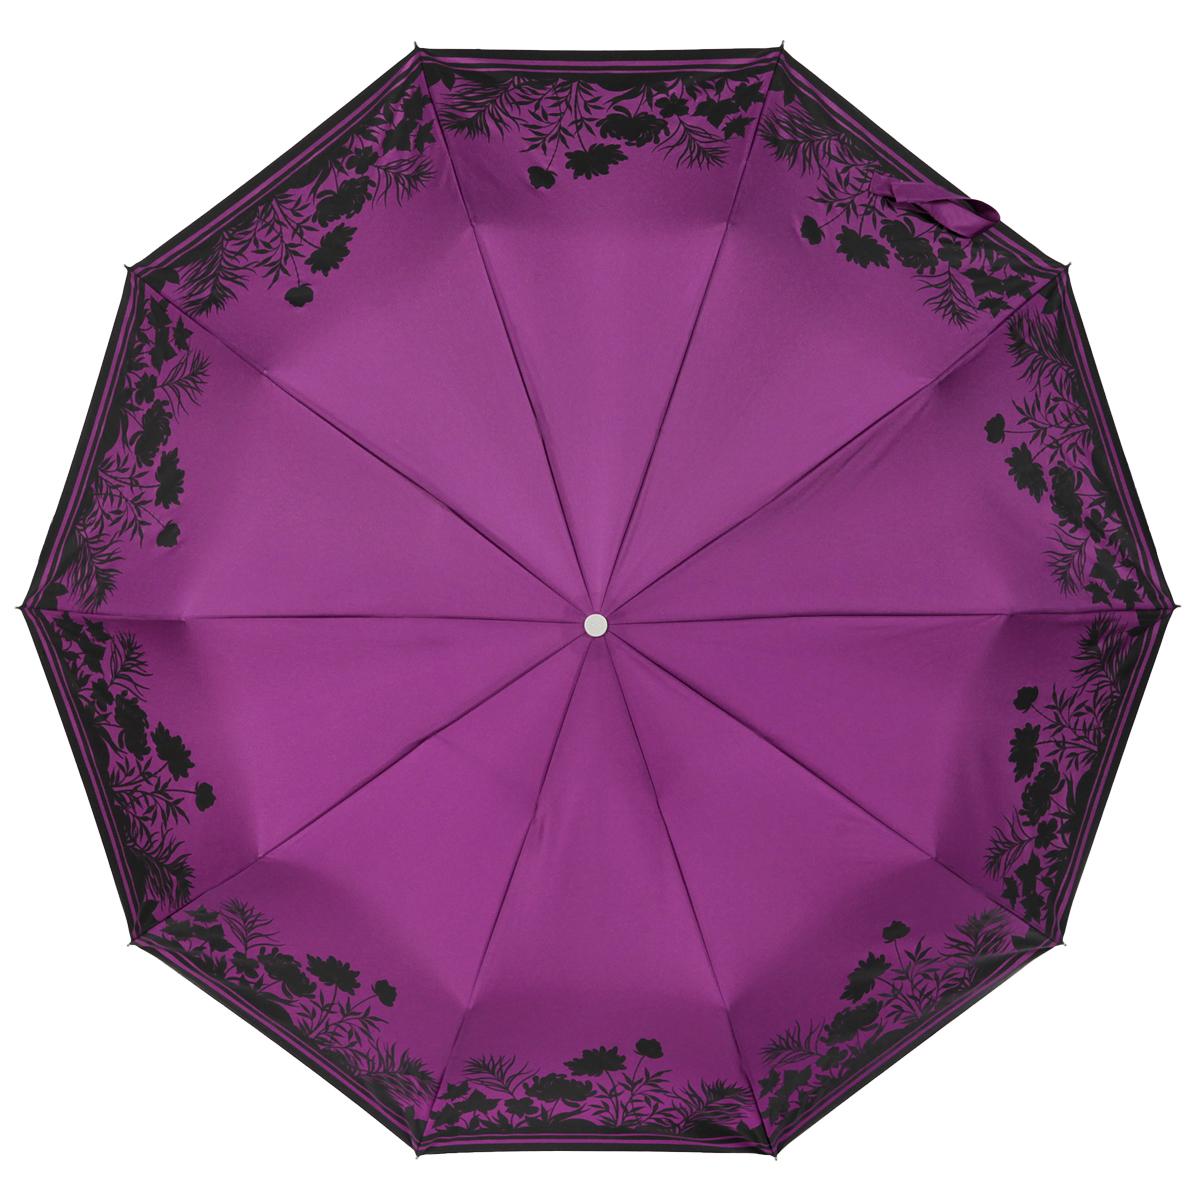 Зонт женский Zest, автомат, 3 сложения, цвет: фиолетовый, черный. 23969-011323969-0113Прелестный автоматический зонт Zest в 3 сложения изготовлен из высокопрочных материалов. Каркас зонта состоит из 10 спиц и прочного алюминиевого стержня. Специальная система Windproof защищает его от поломок во время сильных порывов ветра. Купол зонта выполнен из прочного полиэстера с водоотталкивающей пропиткой и оформлен растительным принтом. Края купола зонта дополнены тонкими полосками. Рукоятка, разработанная с учетом требований эргономики, выполнена из металла и искусственной кожи. Зонт имеет полный автоматический механизм сложения: купол открывается и закрывается нажатием кнопки на рукоятке, стержень складывается вручную до характерного щелчка. Благодаря этому открыть и закрыть зонт можно одной рукой, что чрезвычайно удобно при входе в транспорт или помещение. Небольшой шнурок, расположенный на рукоятке, позволяет надеть изделие на руку при необходимости. Модель закрывается при помощи хлястика на застежку-липучку. К зонту прилагается чехол, который оснащен двумя...